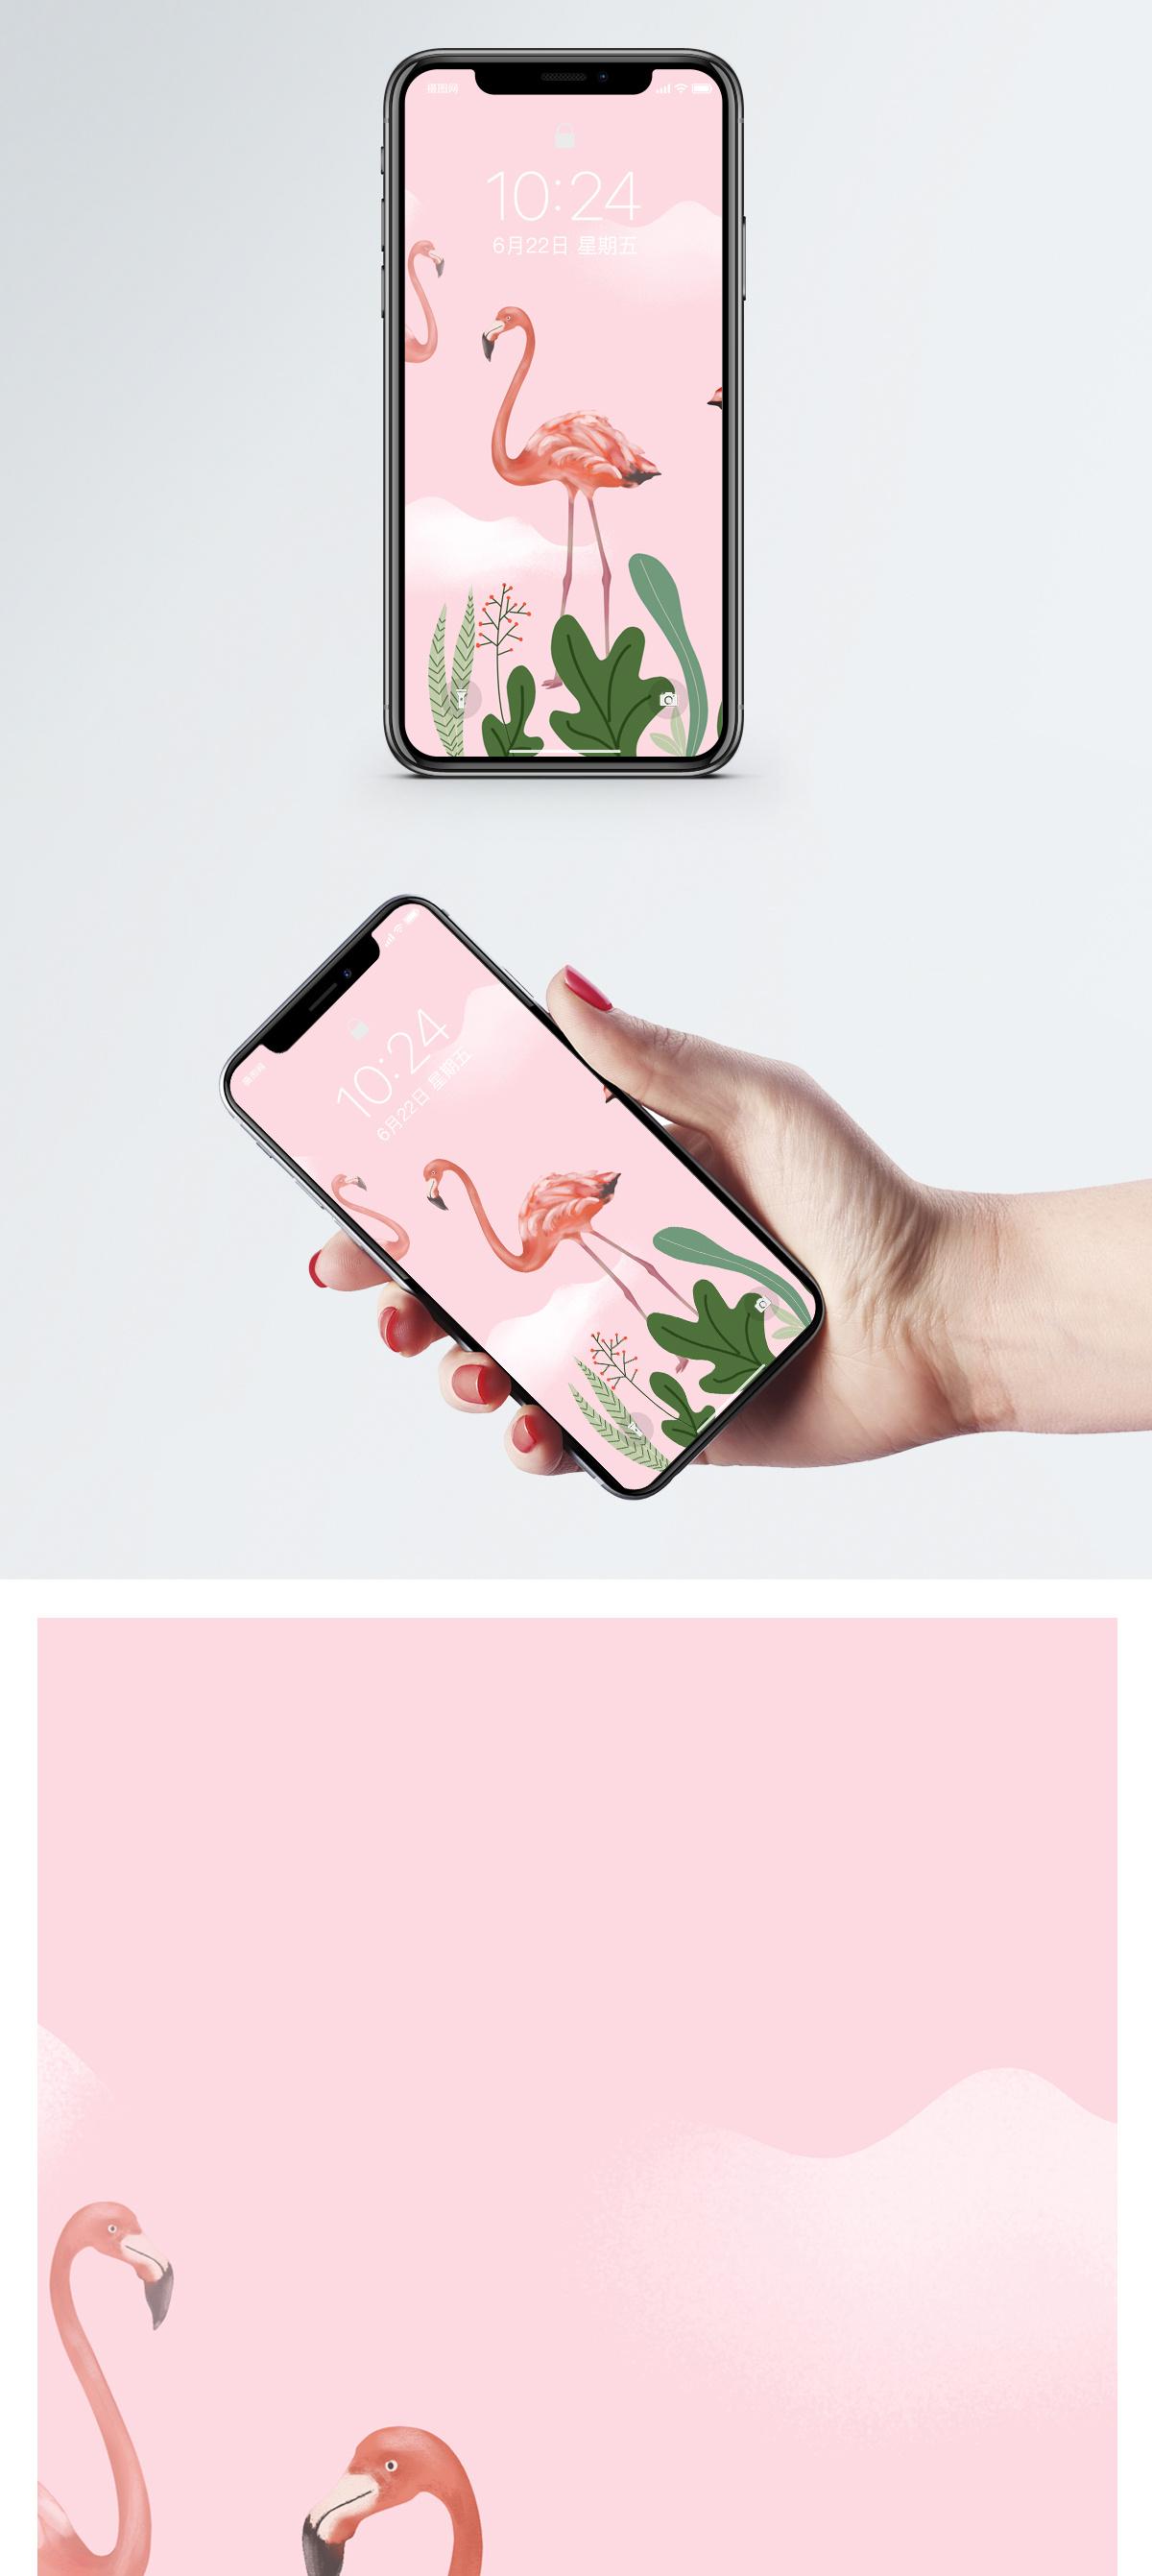 火烈鸟手机壁纸图片